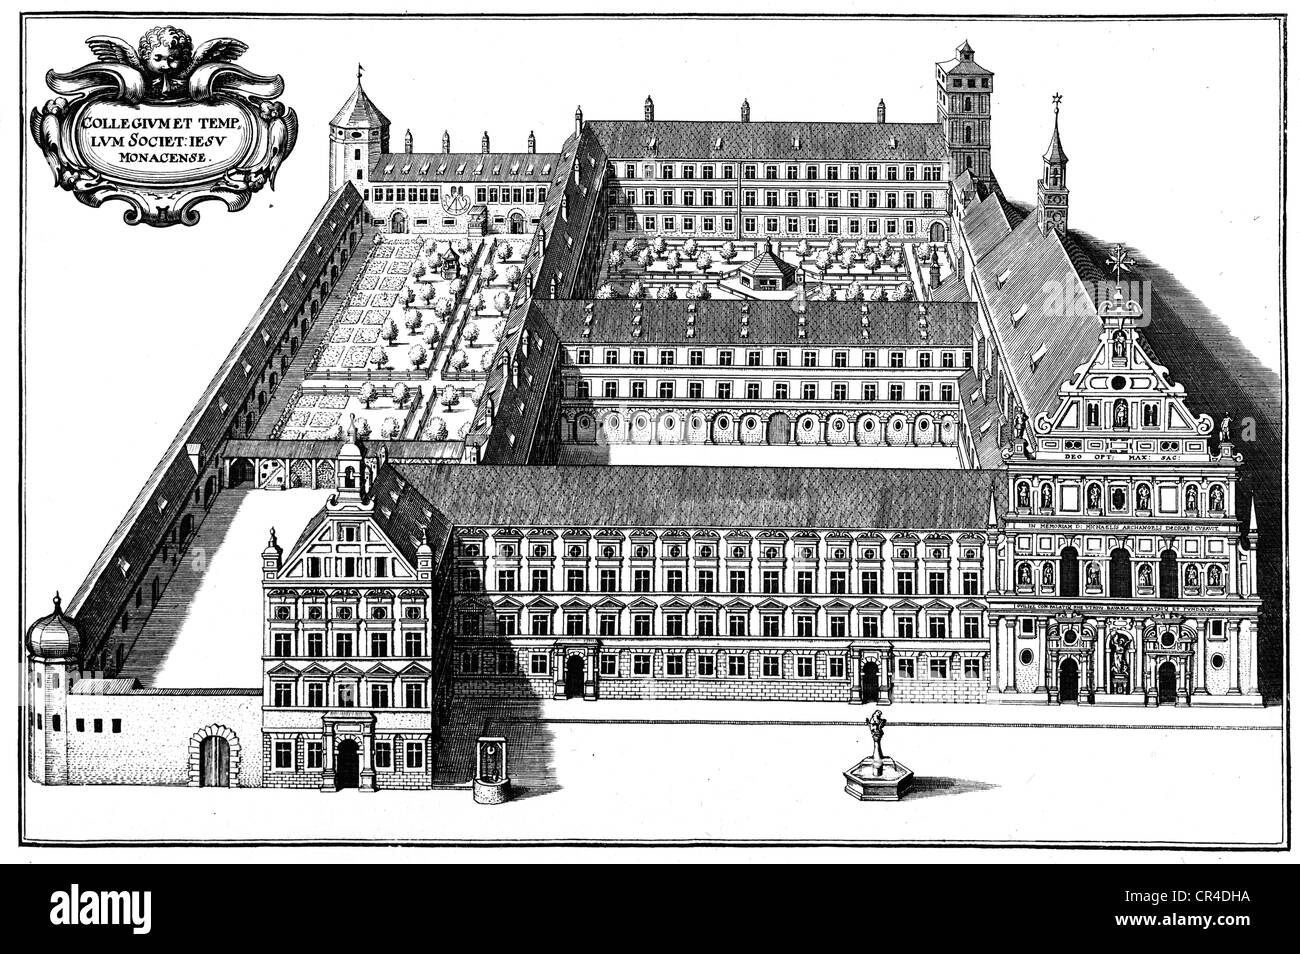 Kloster der Gesellschaft Jesu, ca. 1650, München, Kupfer Kupferstich von Matthaeus Merian, Bayern, Deutschland, Stockbild